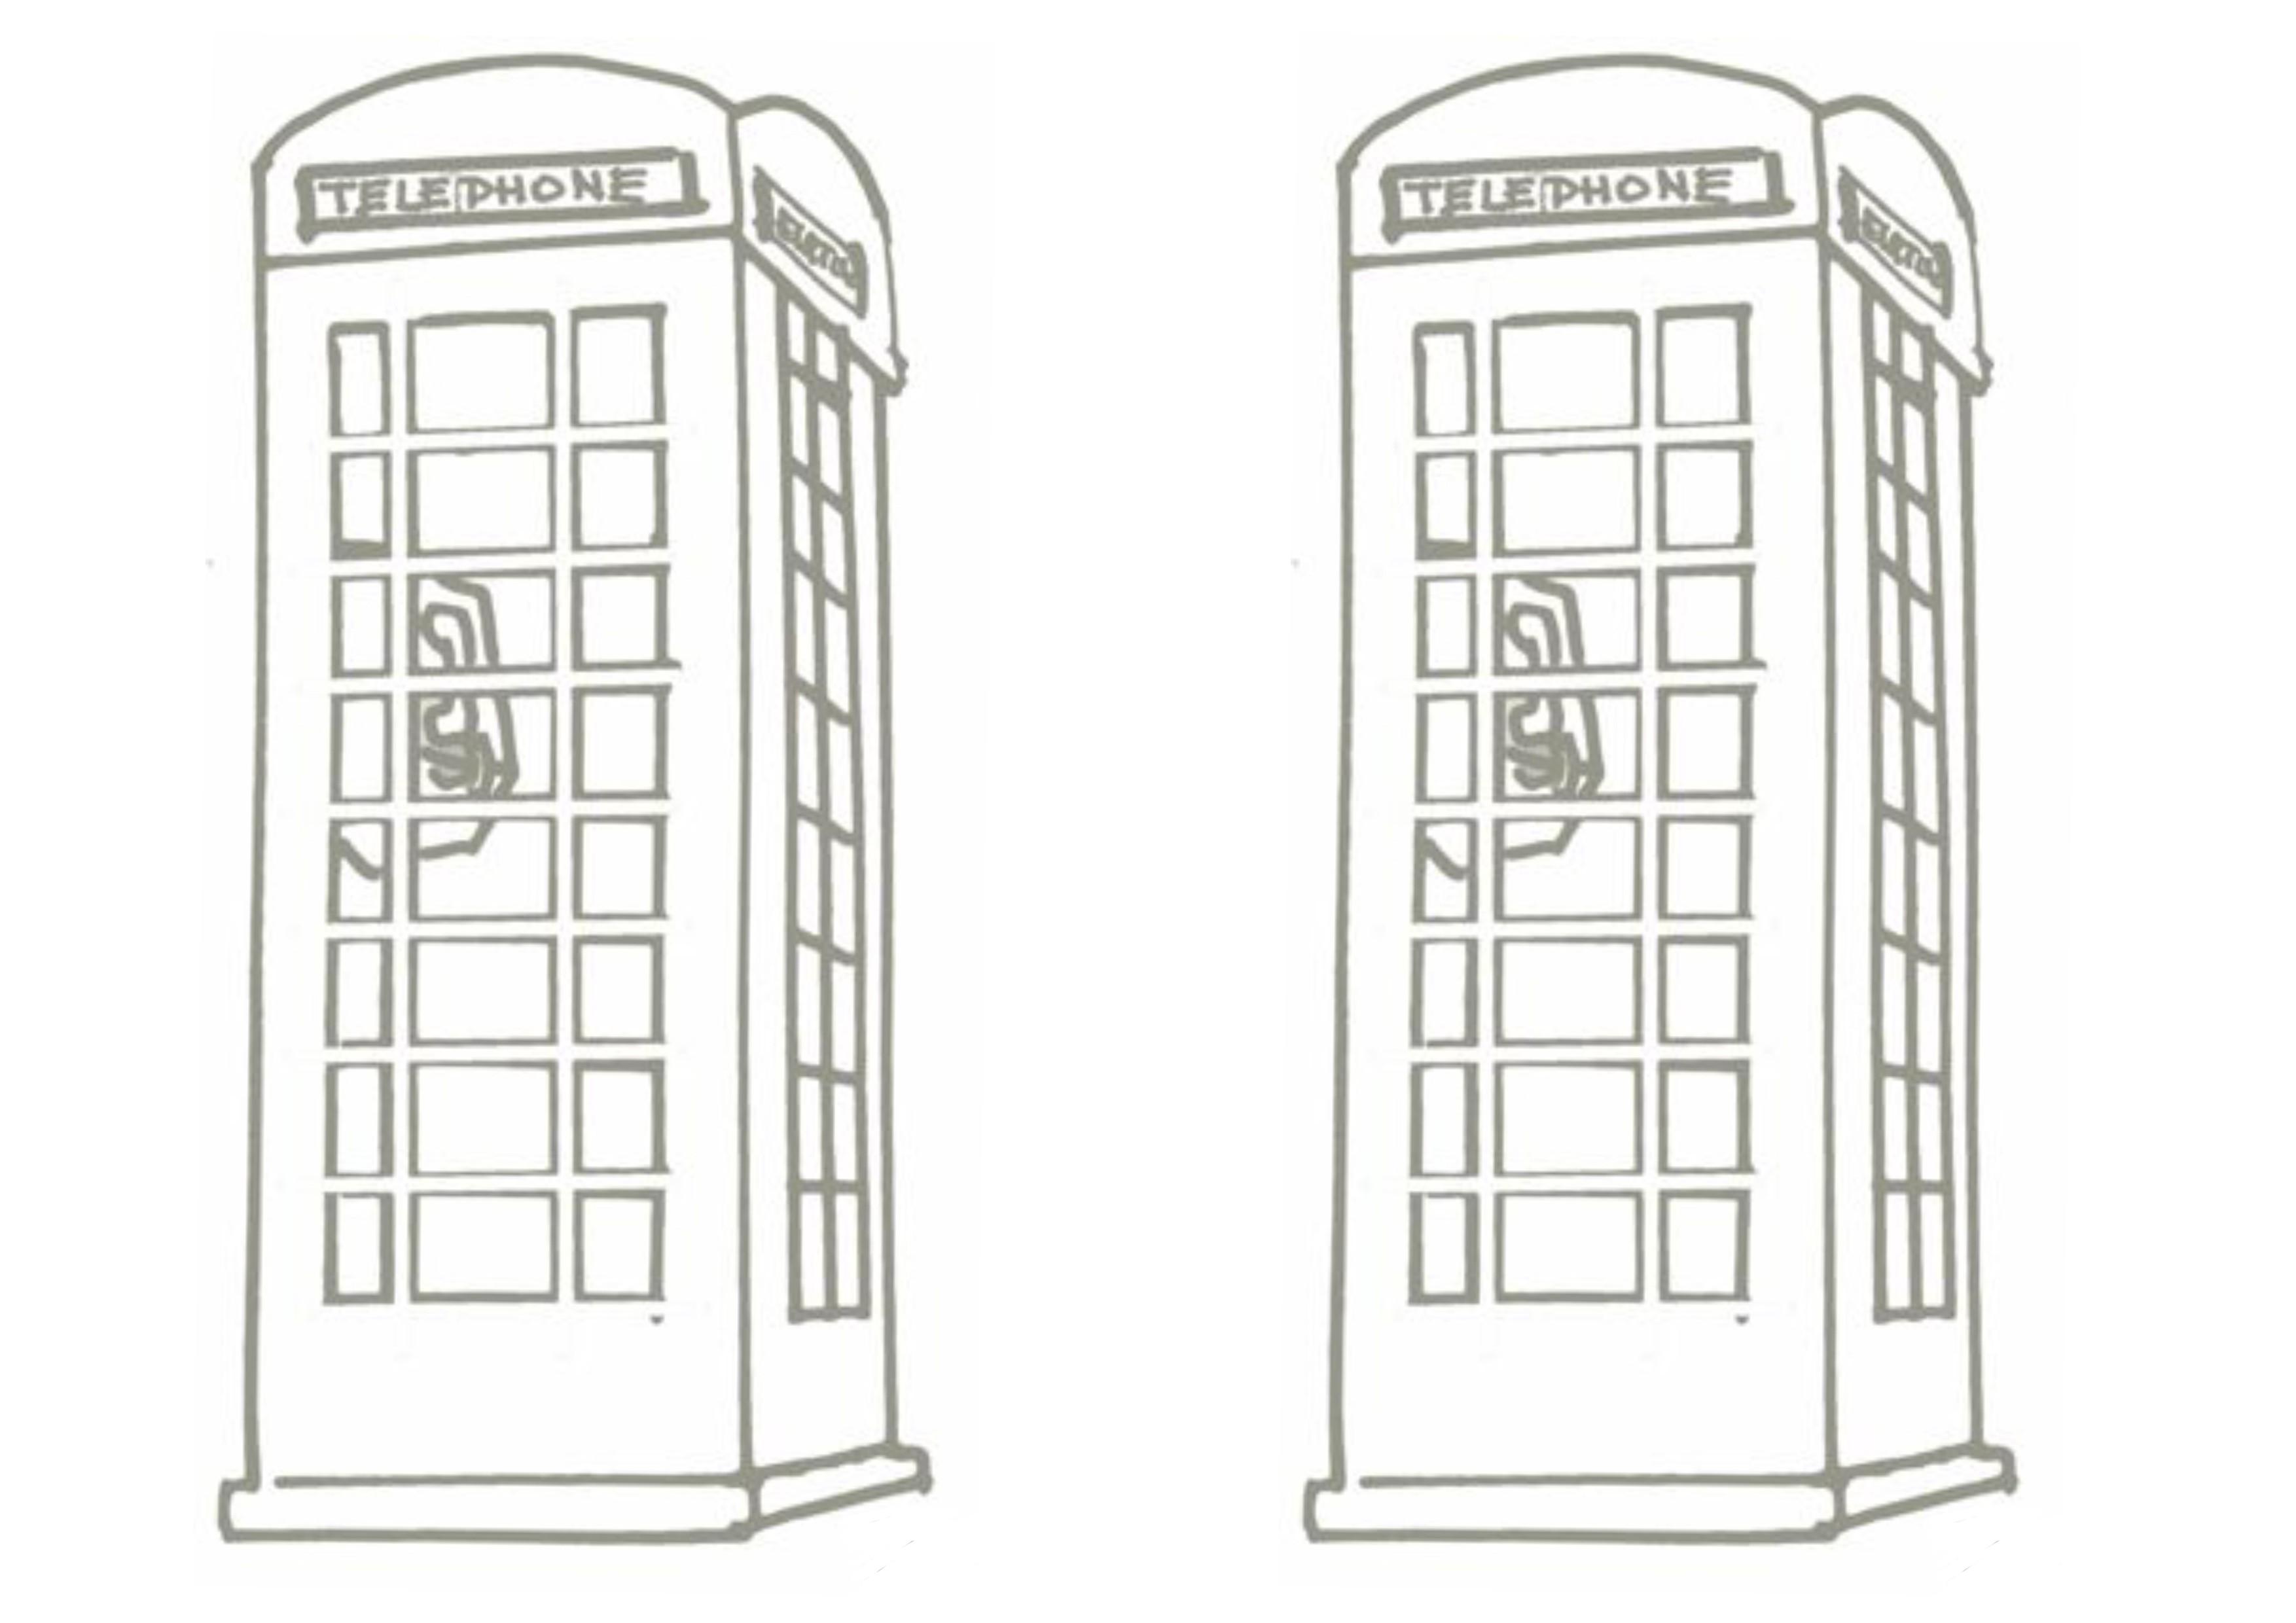 lapbook royaume-uni cabine téléphonique